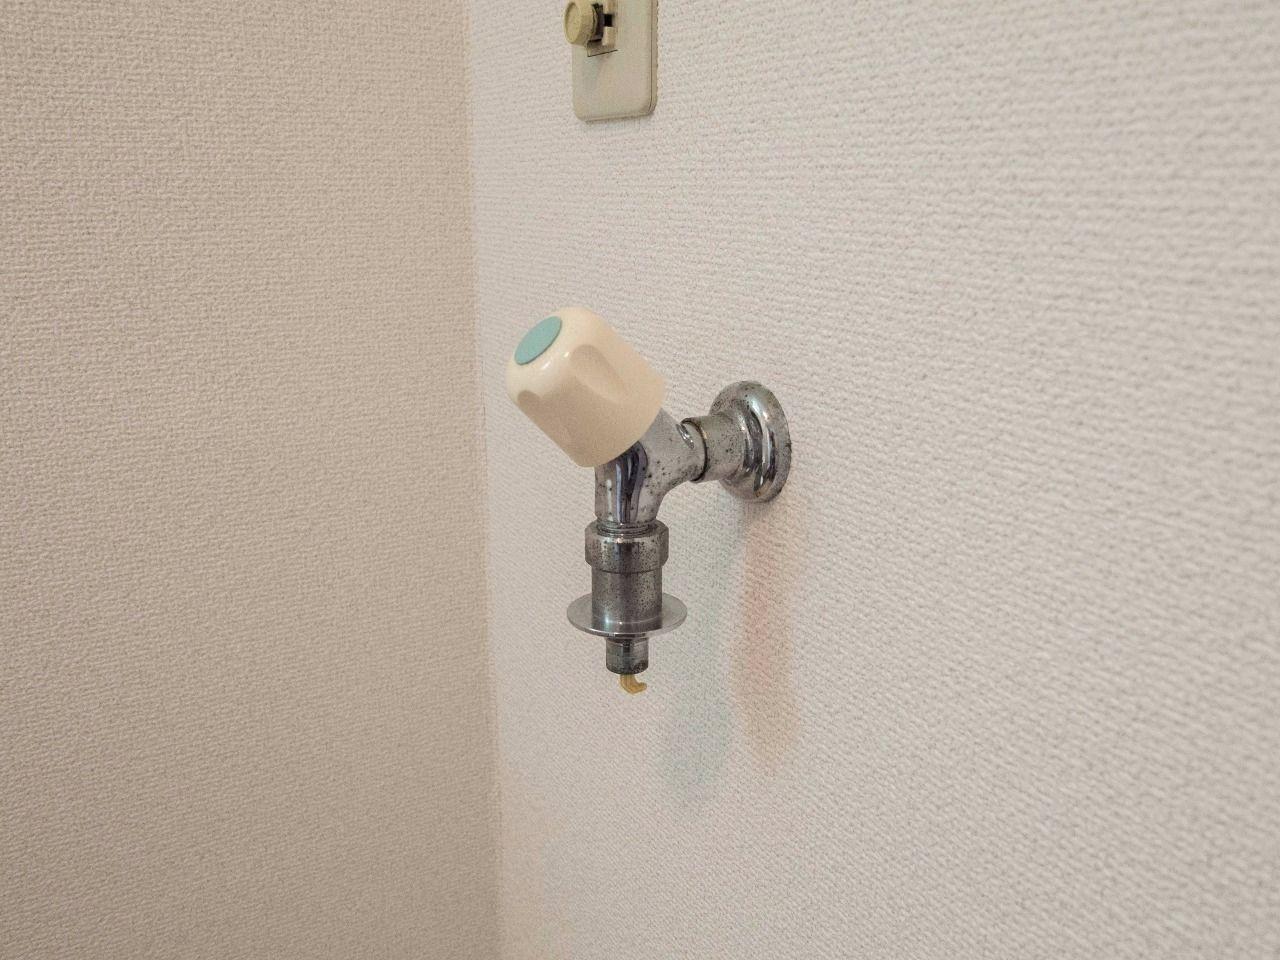 万が一ホースが外れても安心な緊急止水弁付水栓